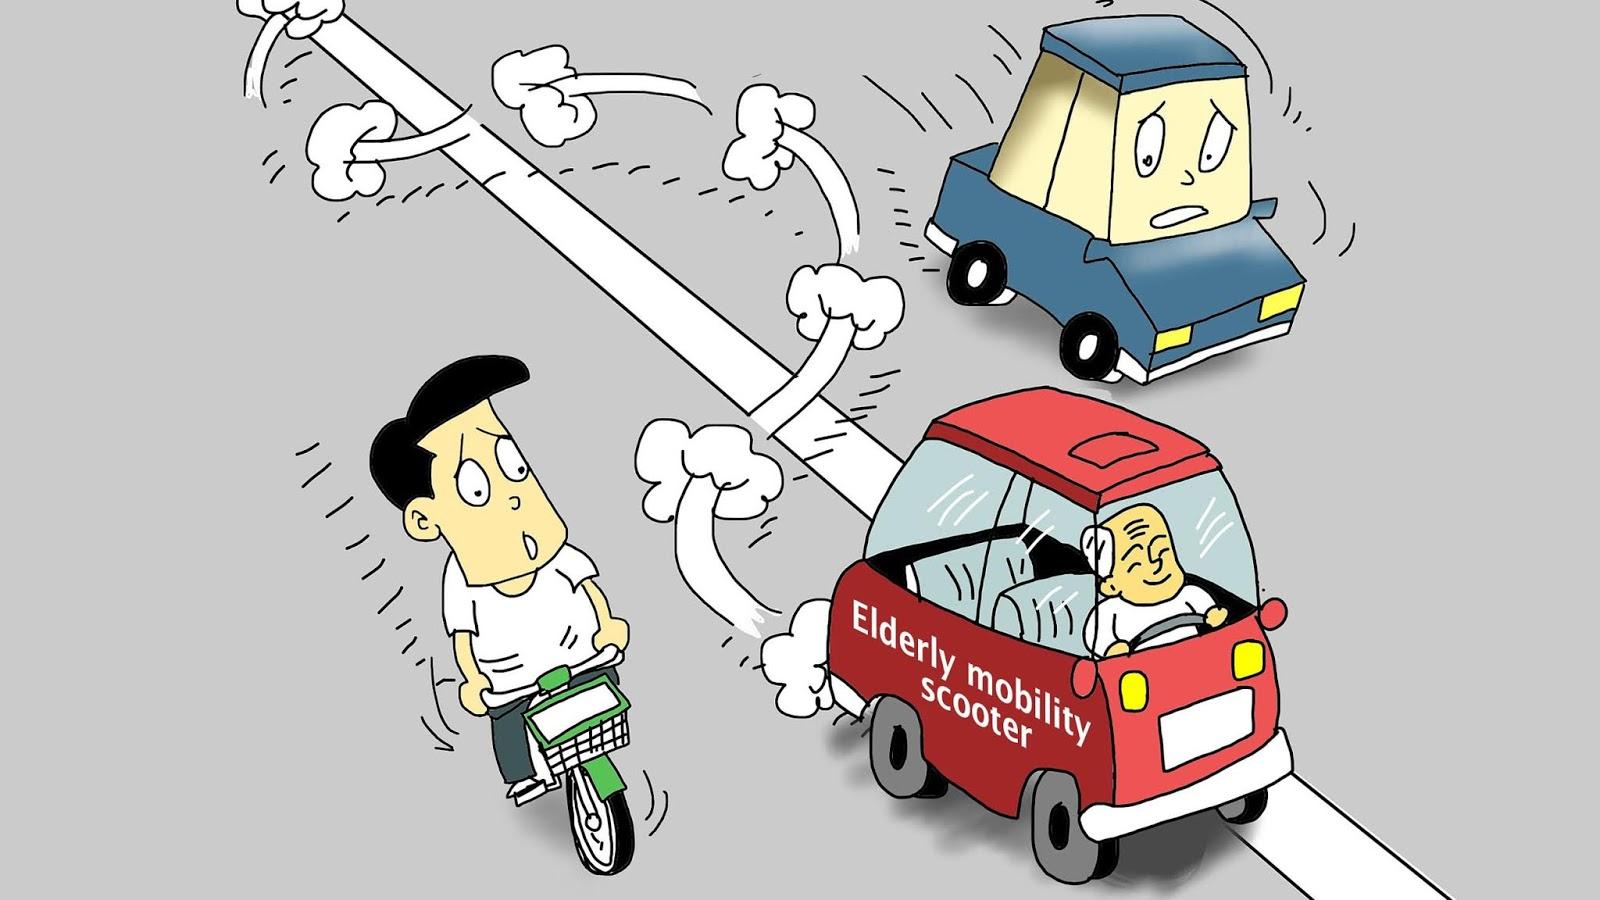 不小心駕駛及違例駕駛記分制度